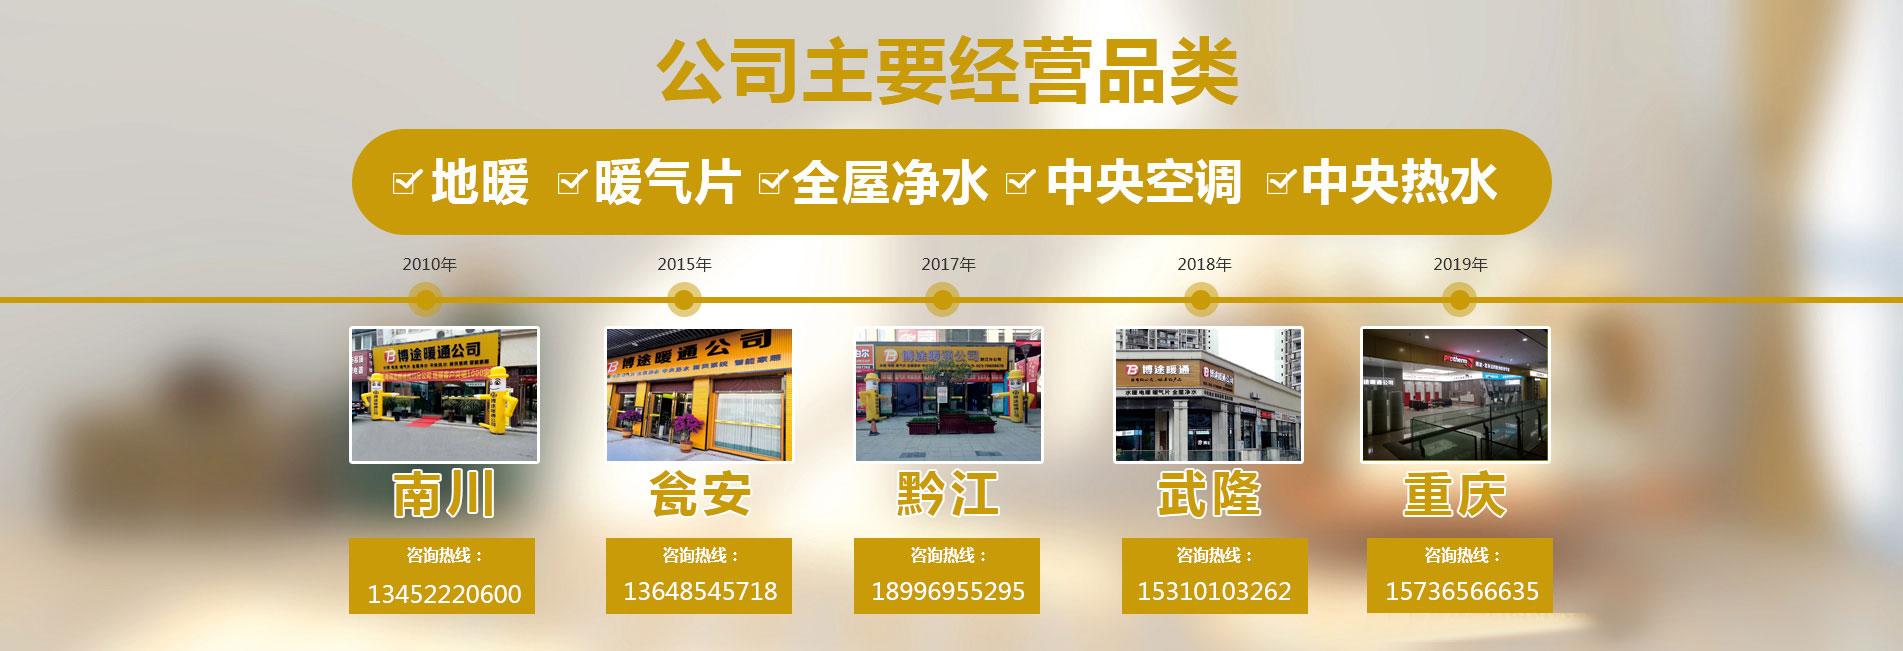 重庆地暖公司